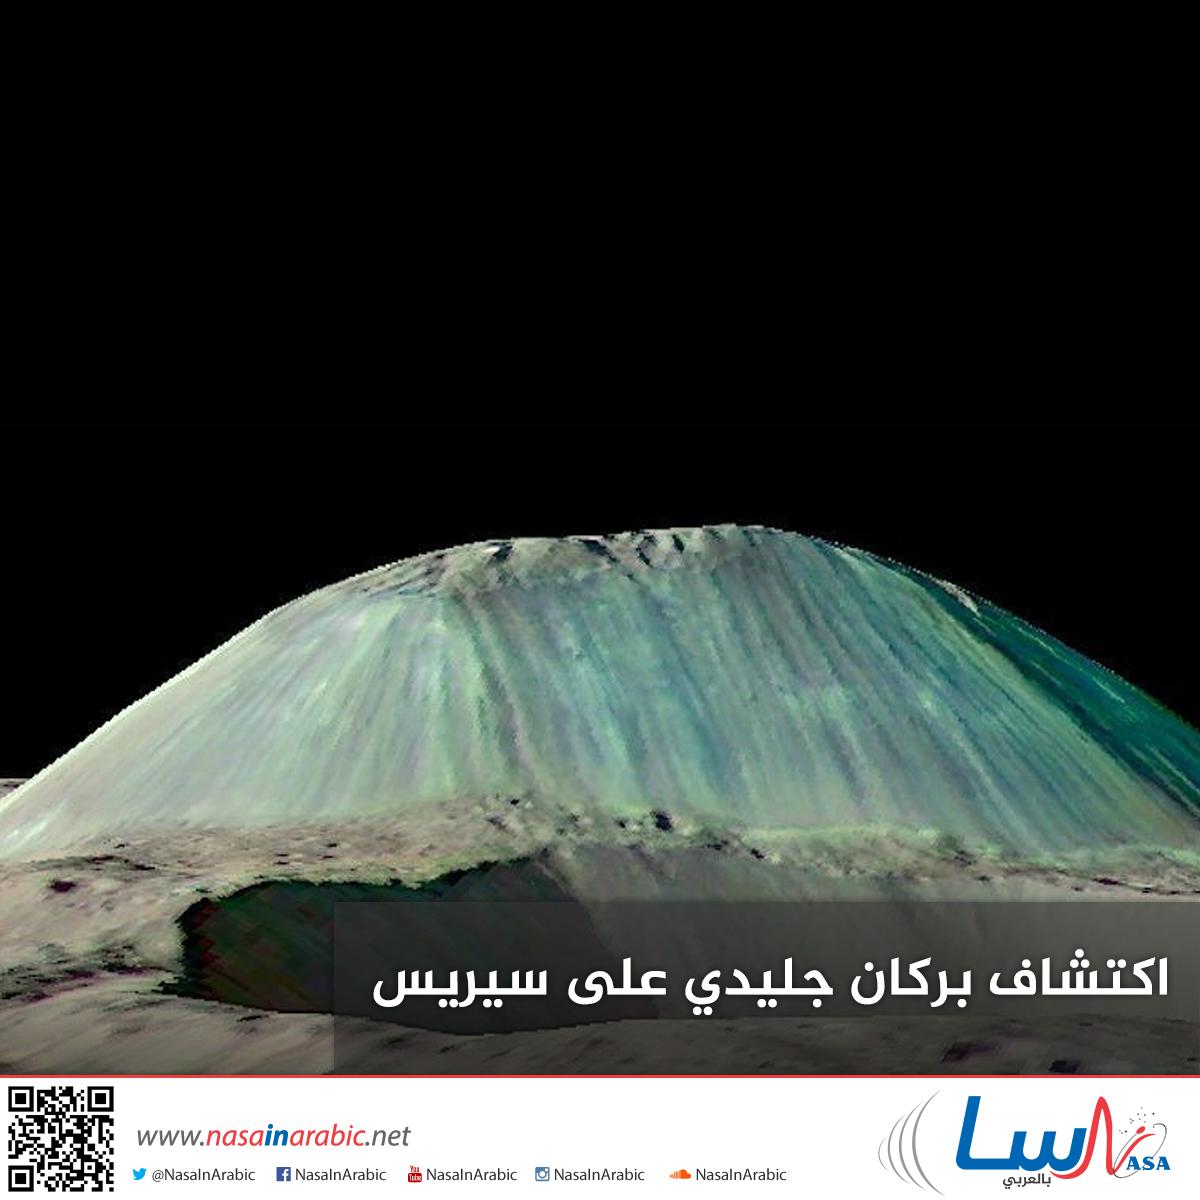 اكتشاف بركان جليدي على سيريس يساوي نصف حجم جبل إيفرست